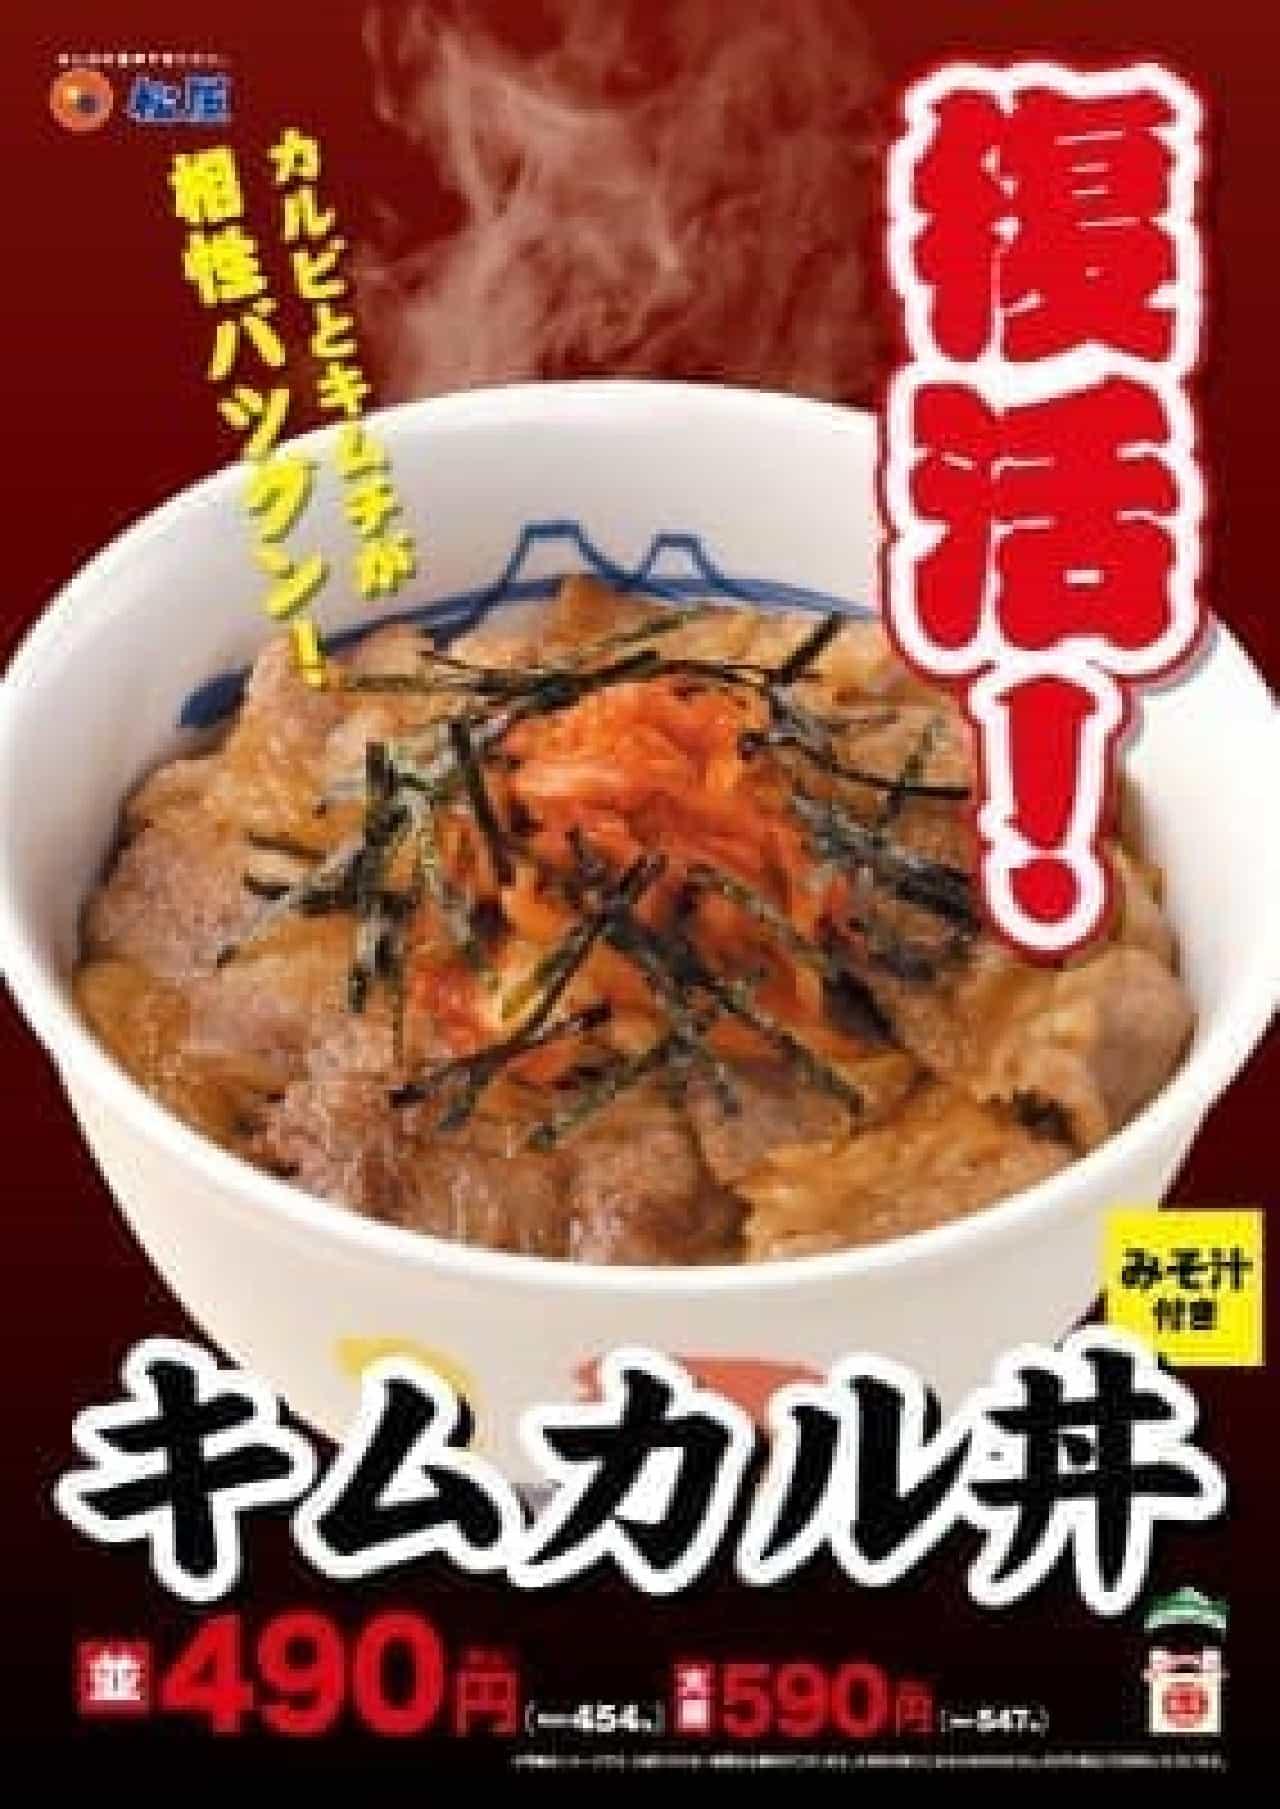 「キムカル丼」復活!